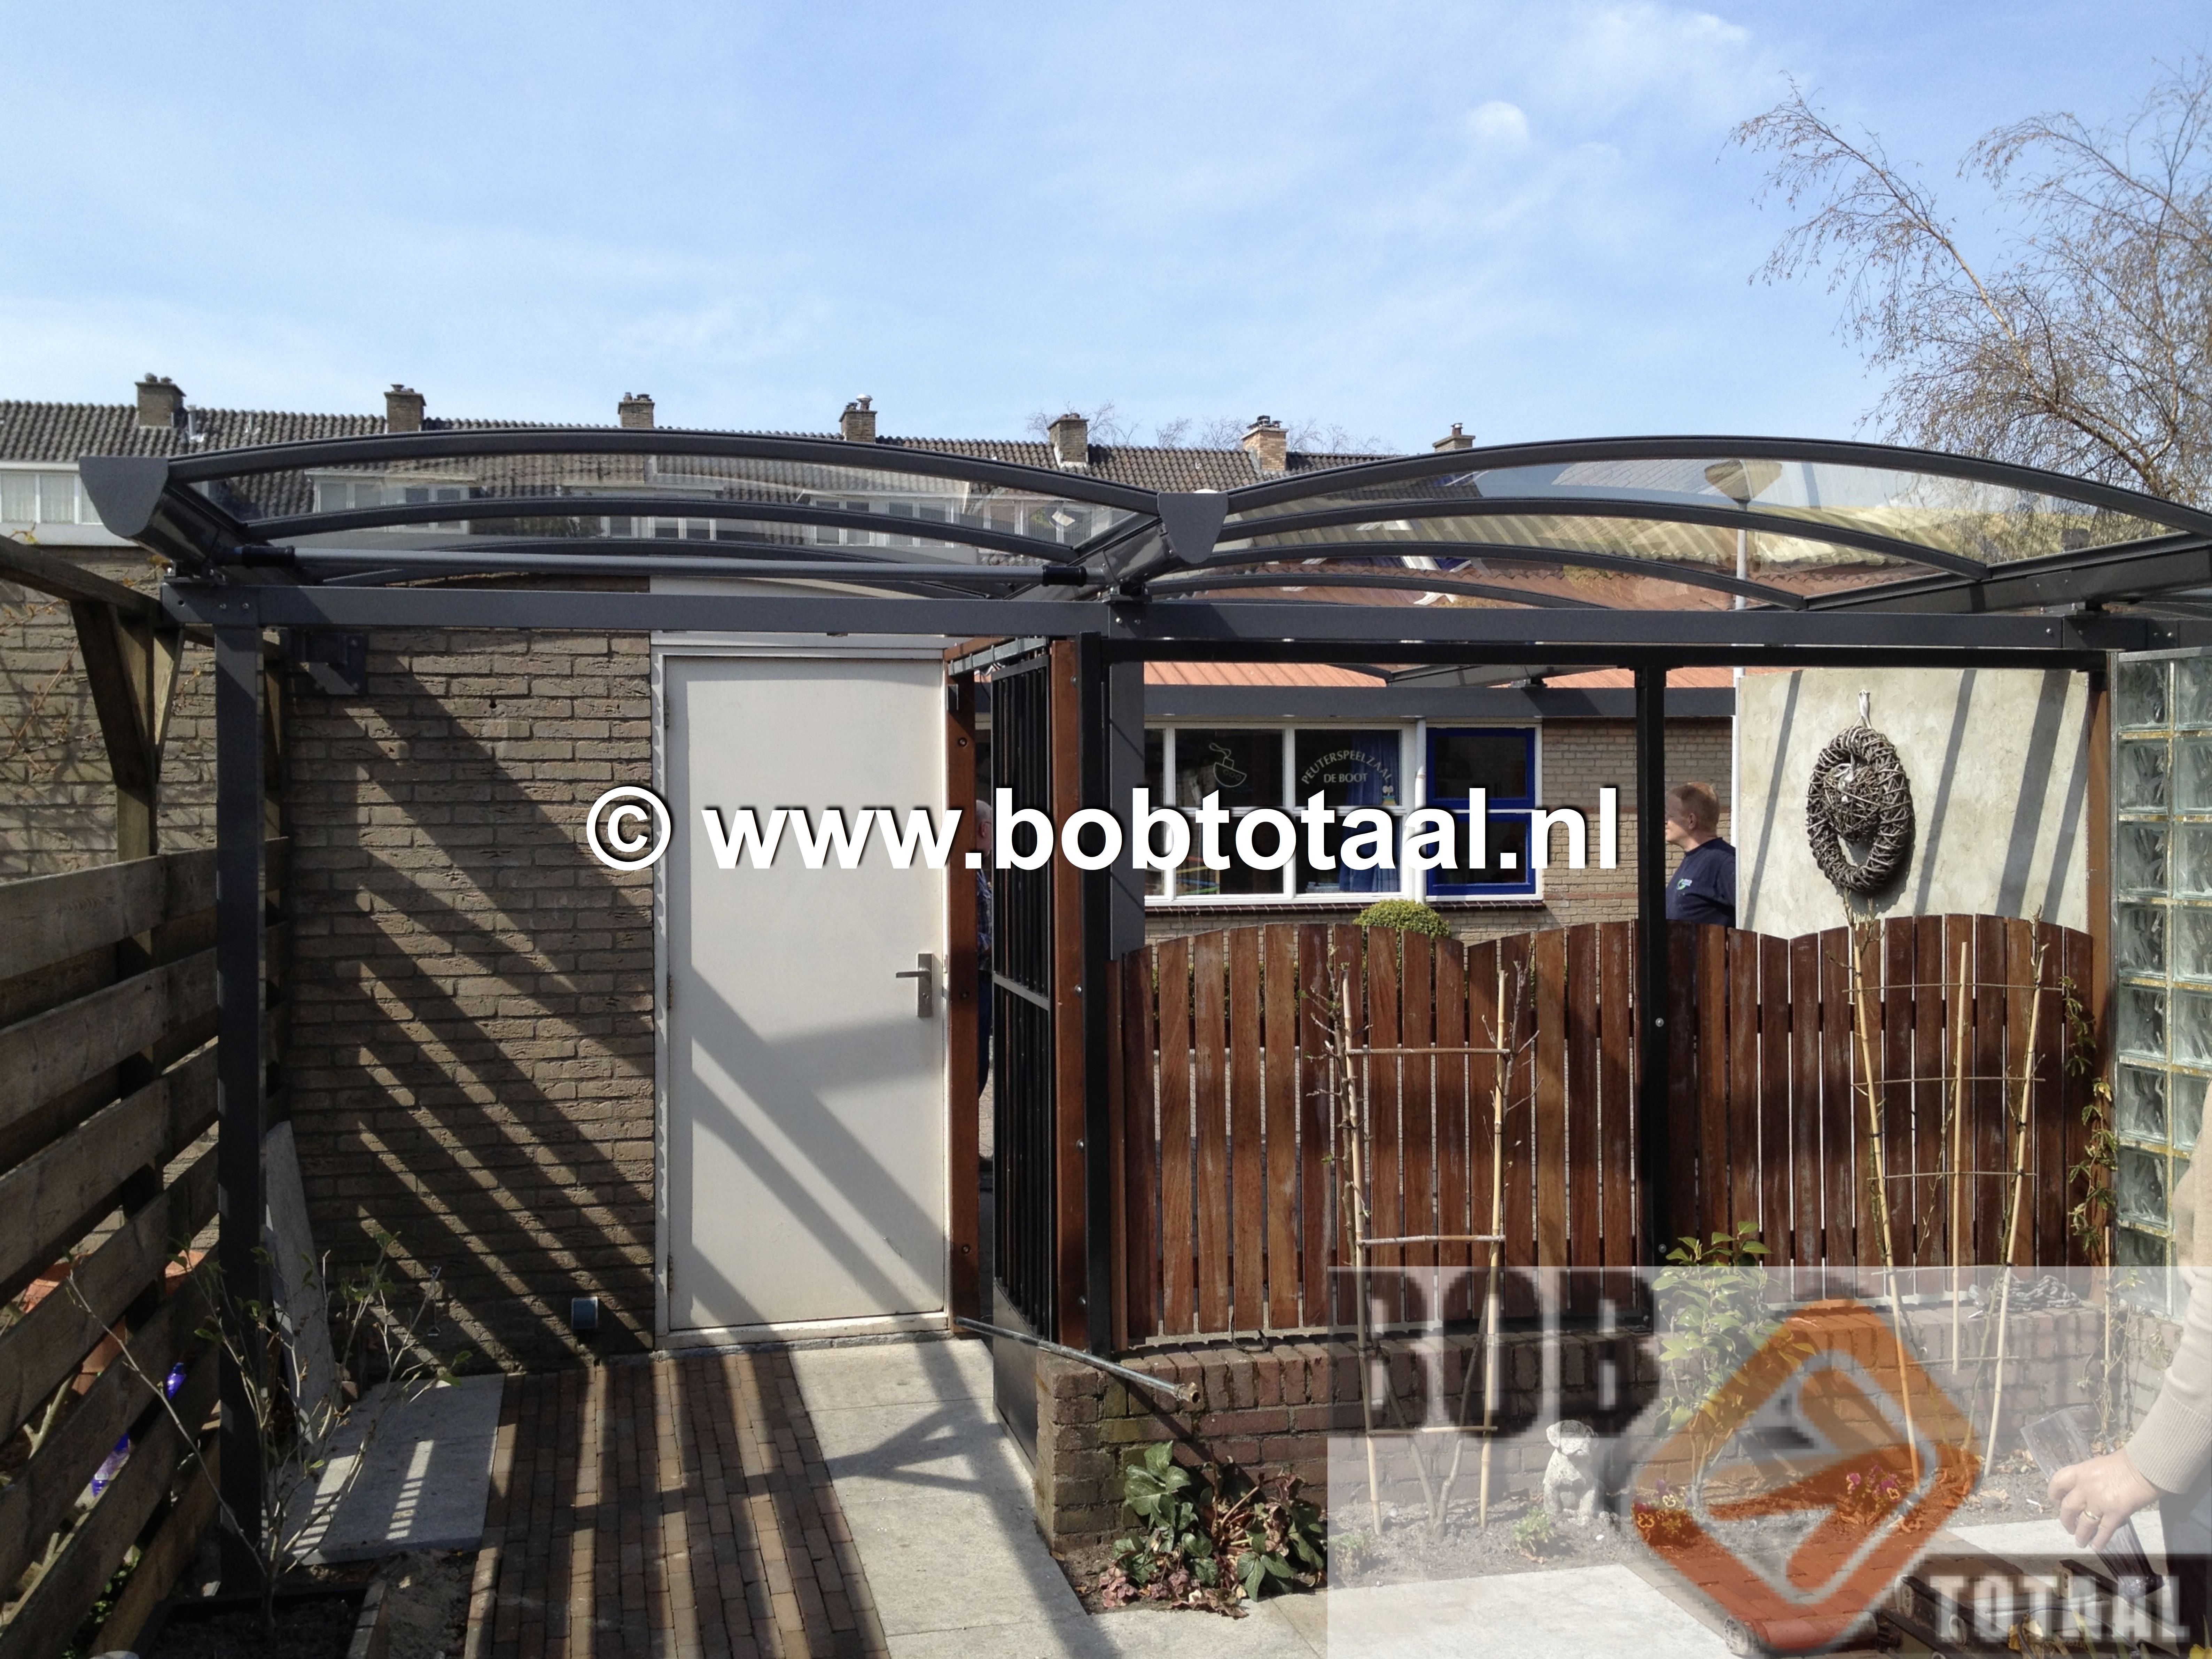 Carport Boogoverkapping Voorburg - BobTotaal